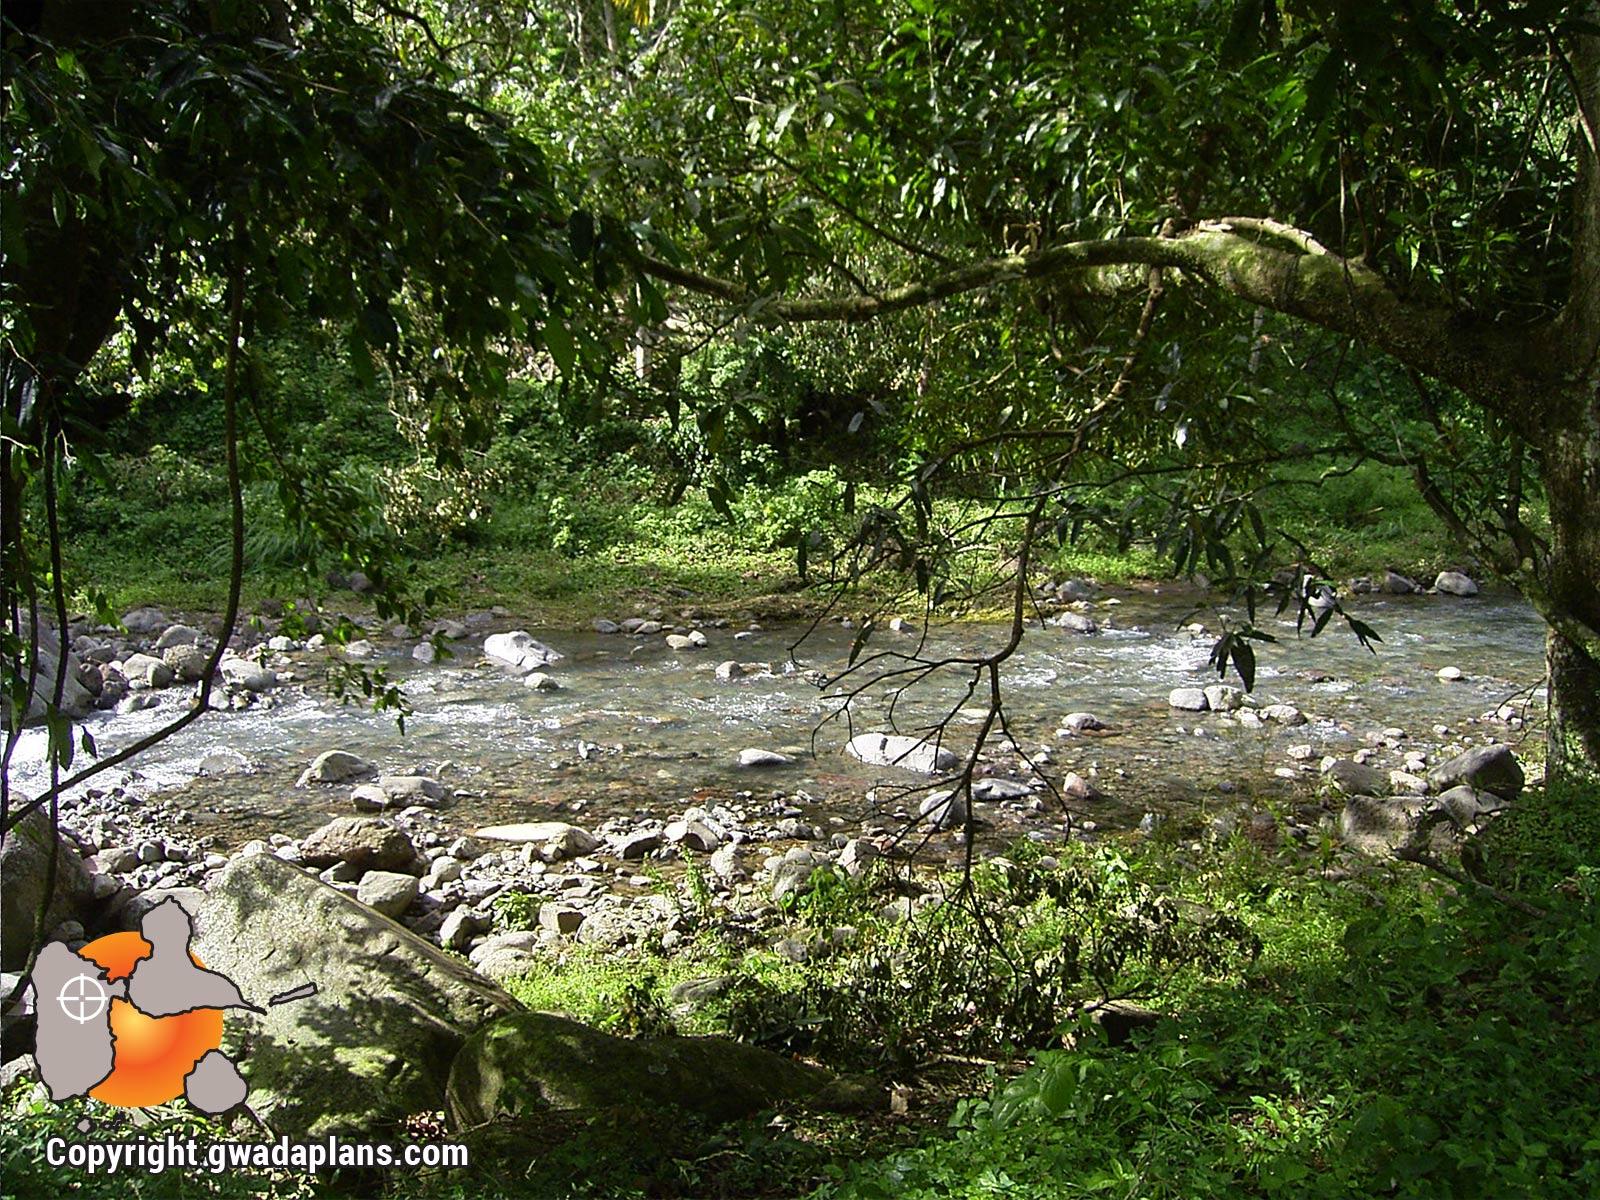 Rivière de Beaugrendre - Vieux-Habitants